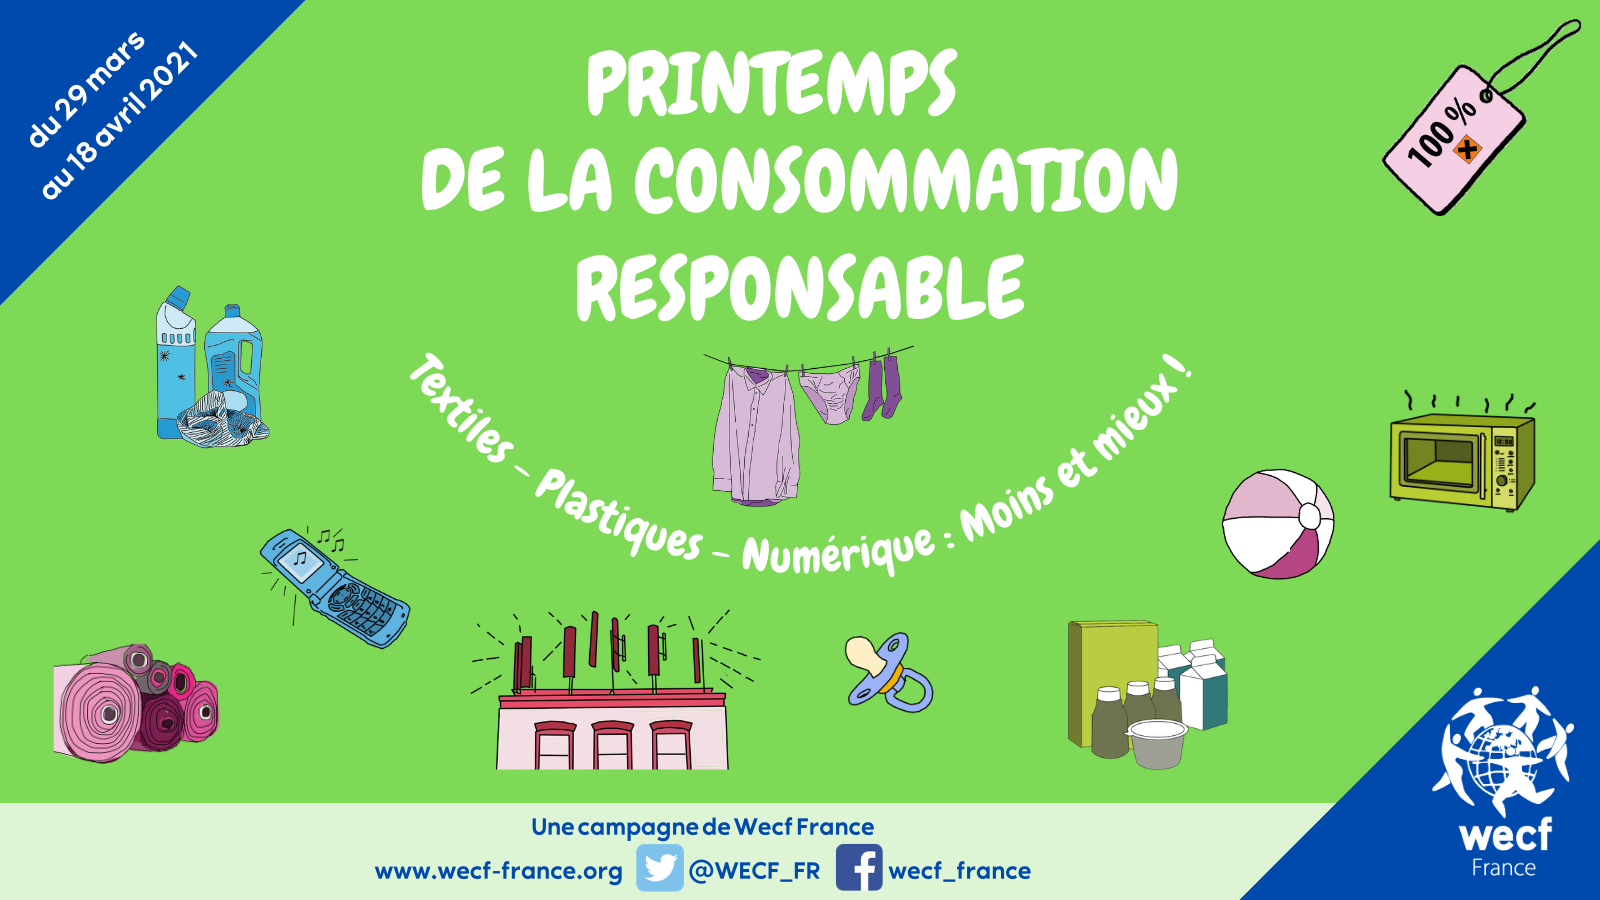 Printemps de la consommation responsable : moins et mieux !